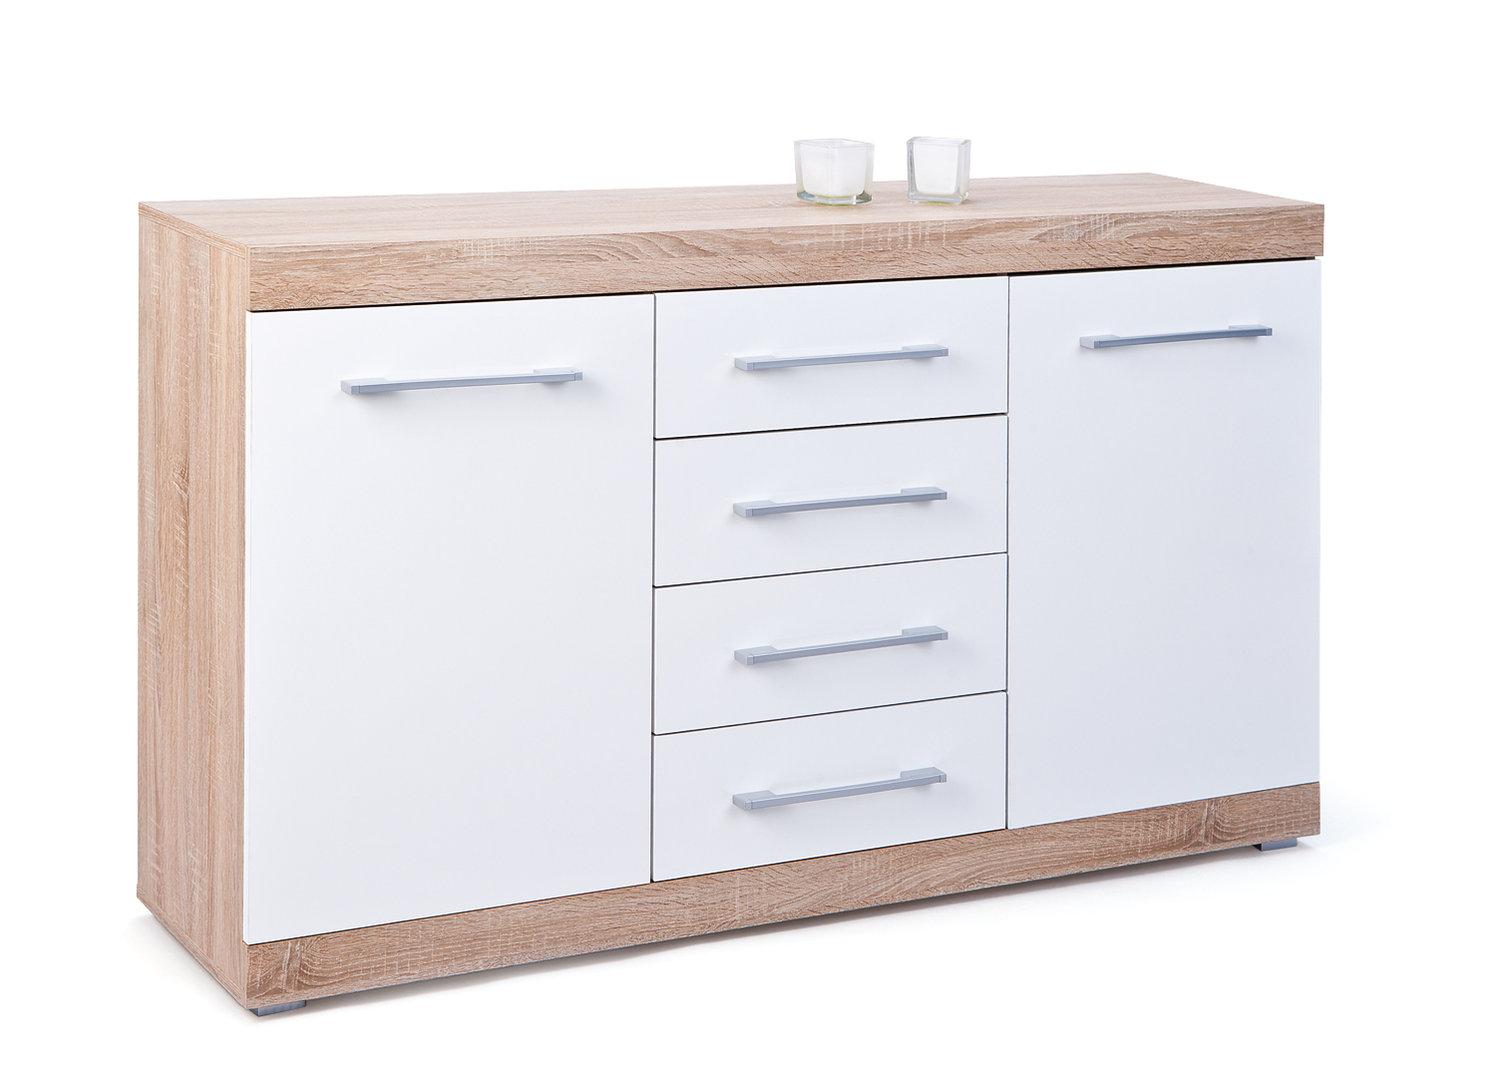 Credenza moderna Sara 52, madia bianca di design, mobile soggiorno